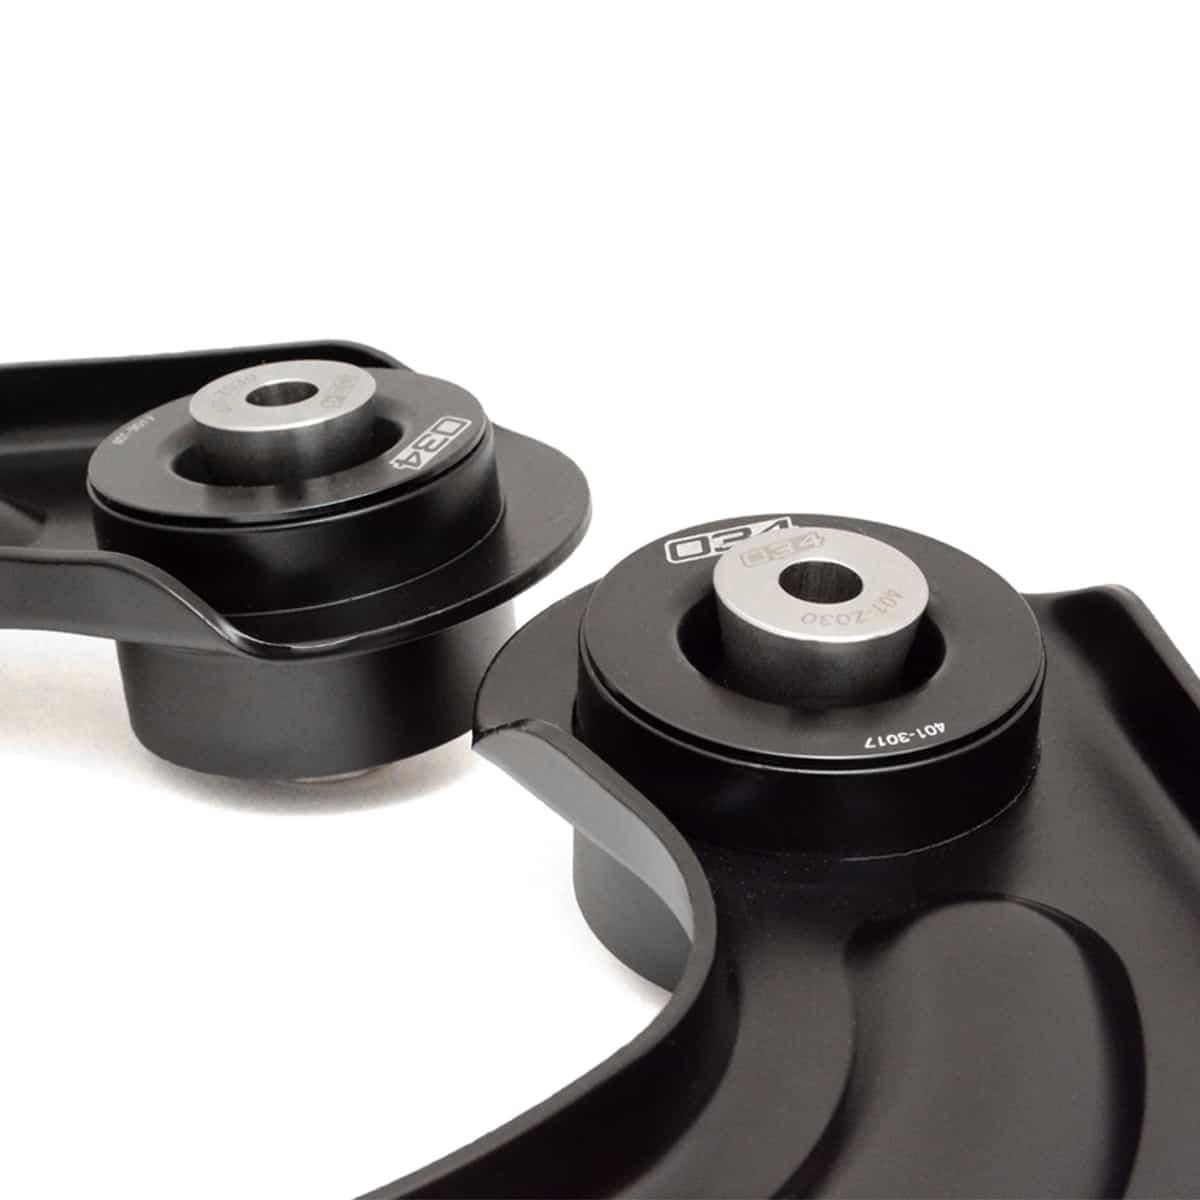 034Motorsport Spherical Rear Trailing Arm Kit, MkV/MkVI Volkswagen  Golf/Jetta/GTI/R & 8J/8P Audi A3/S3/RS3/TT/TTS/TTRS | Progressive Parts